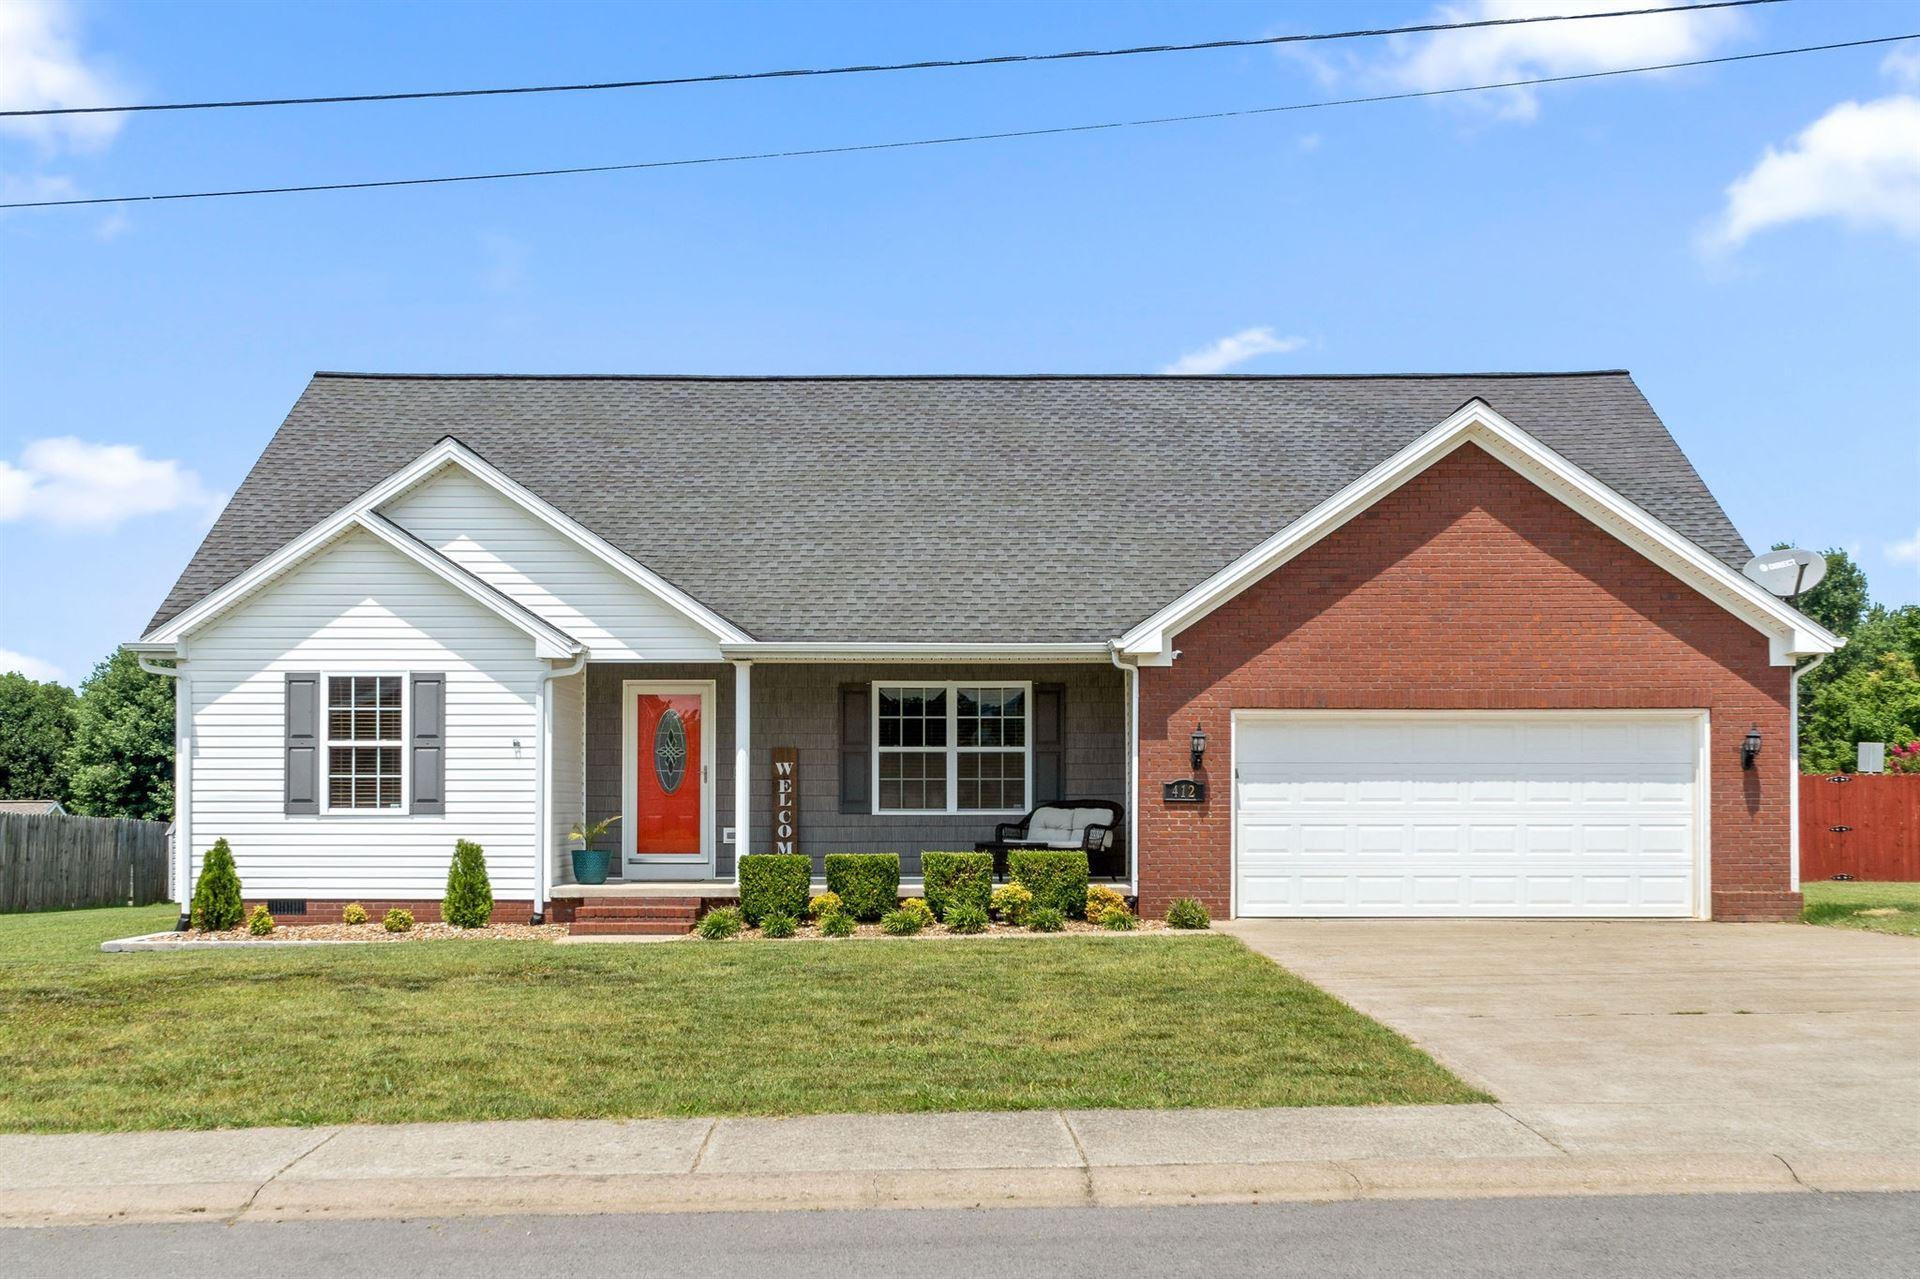 412 Simon St, Hopkinsville, KY 42240 - MLS#: 2278435